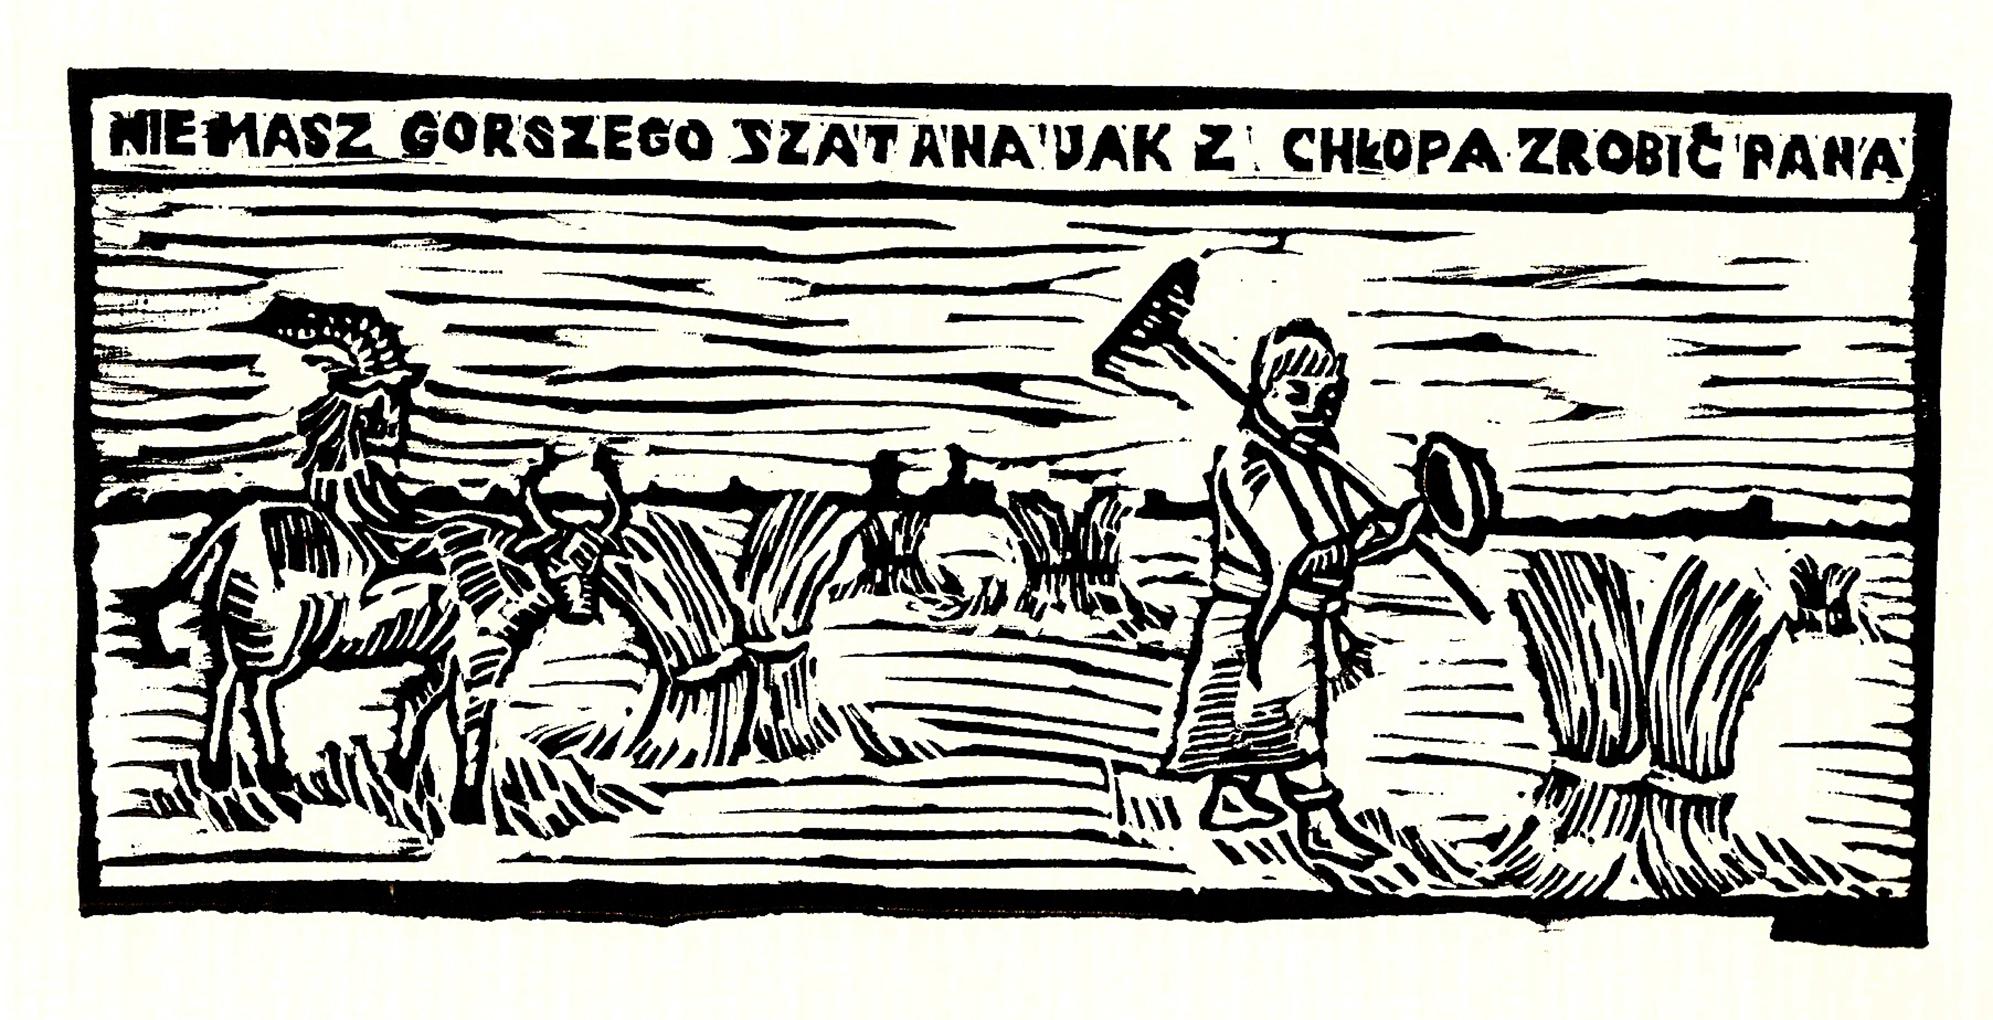 Sylwia Zawiślak, Nie masz gorszego szatana jak z chłopa zrobić pana, 2014, grafika, na papierze, linoryt,. Wielkość arkusza pracy 21 x 29,7 cm